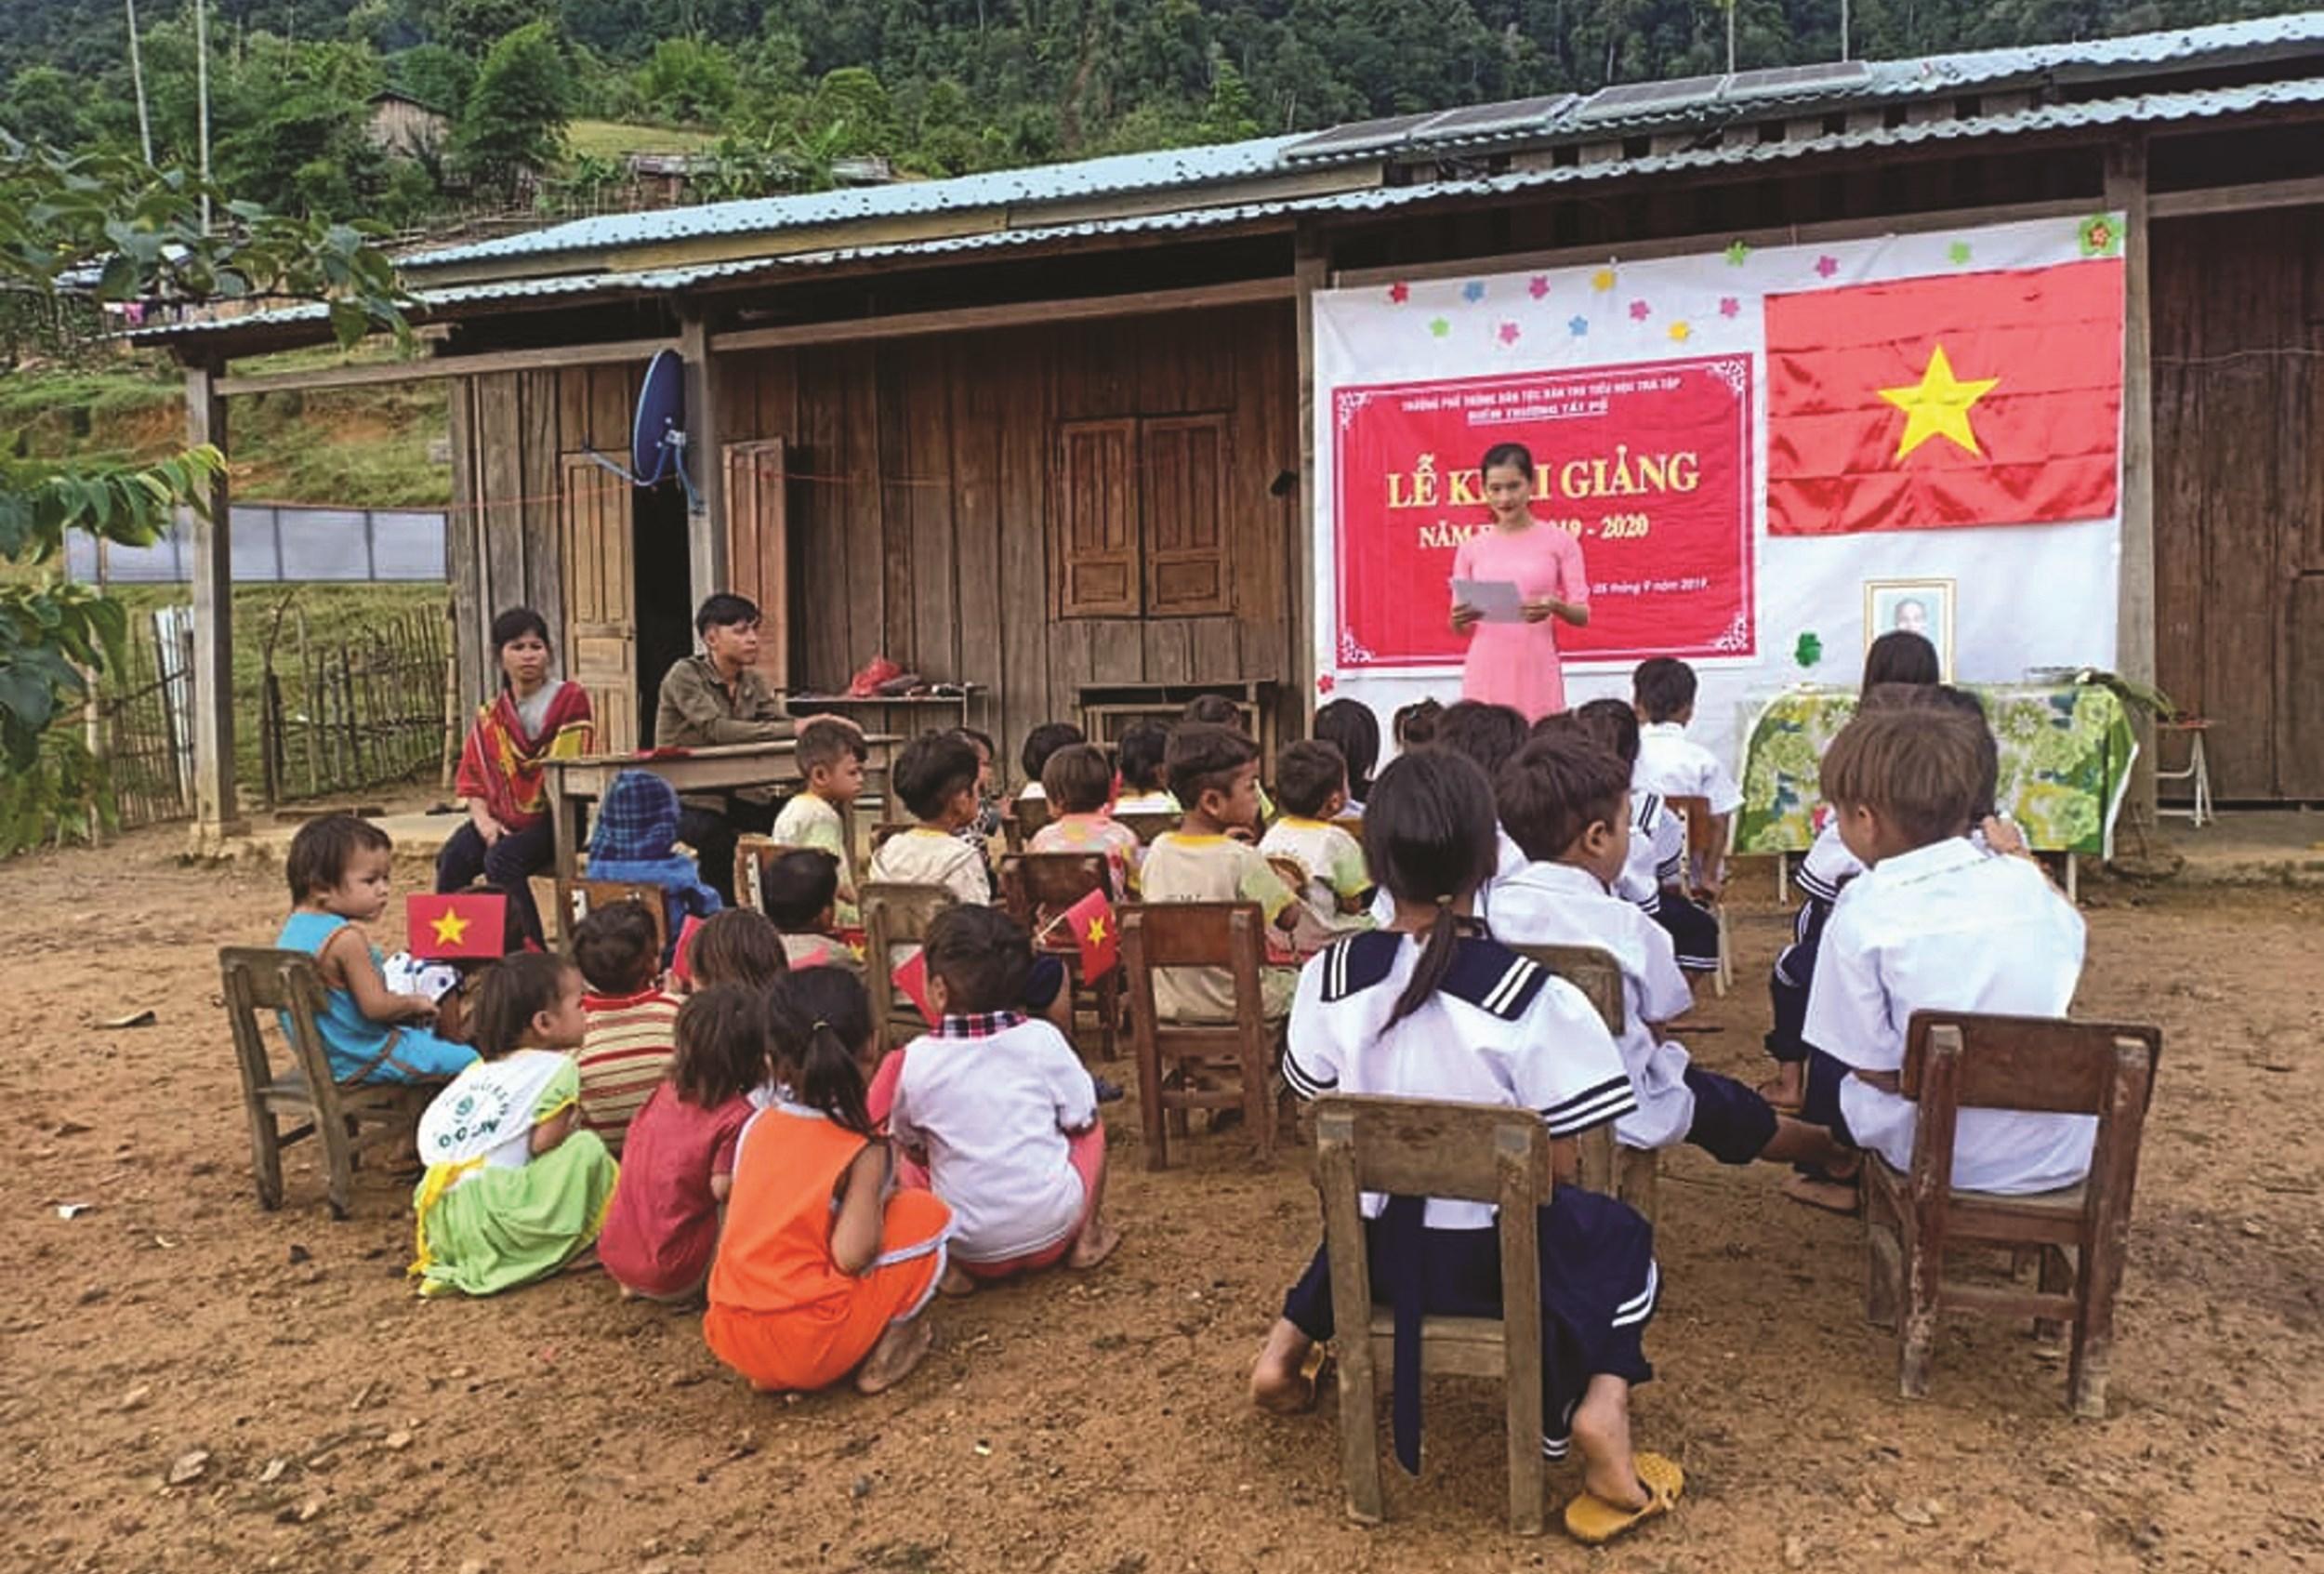 Bức ảnh ngày khai giảng của các em học sinh vùng cao khiến cộng đồng xúc động.